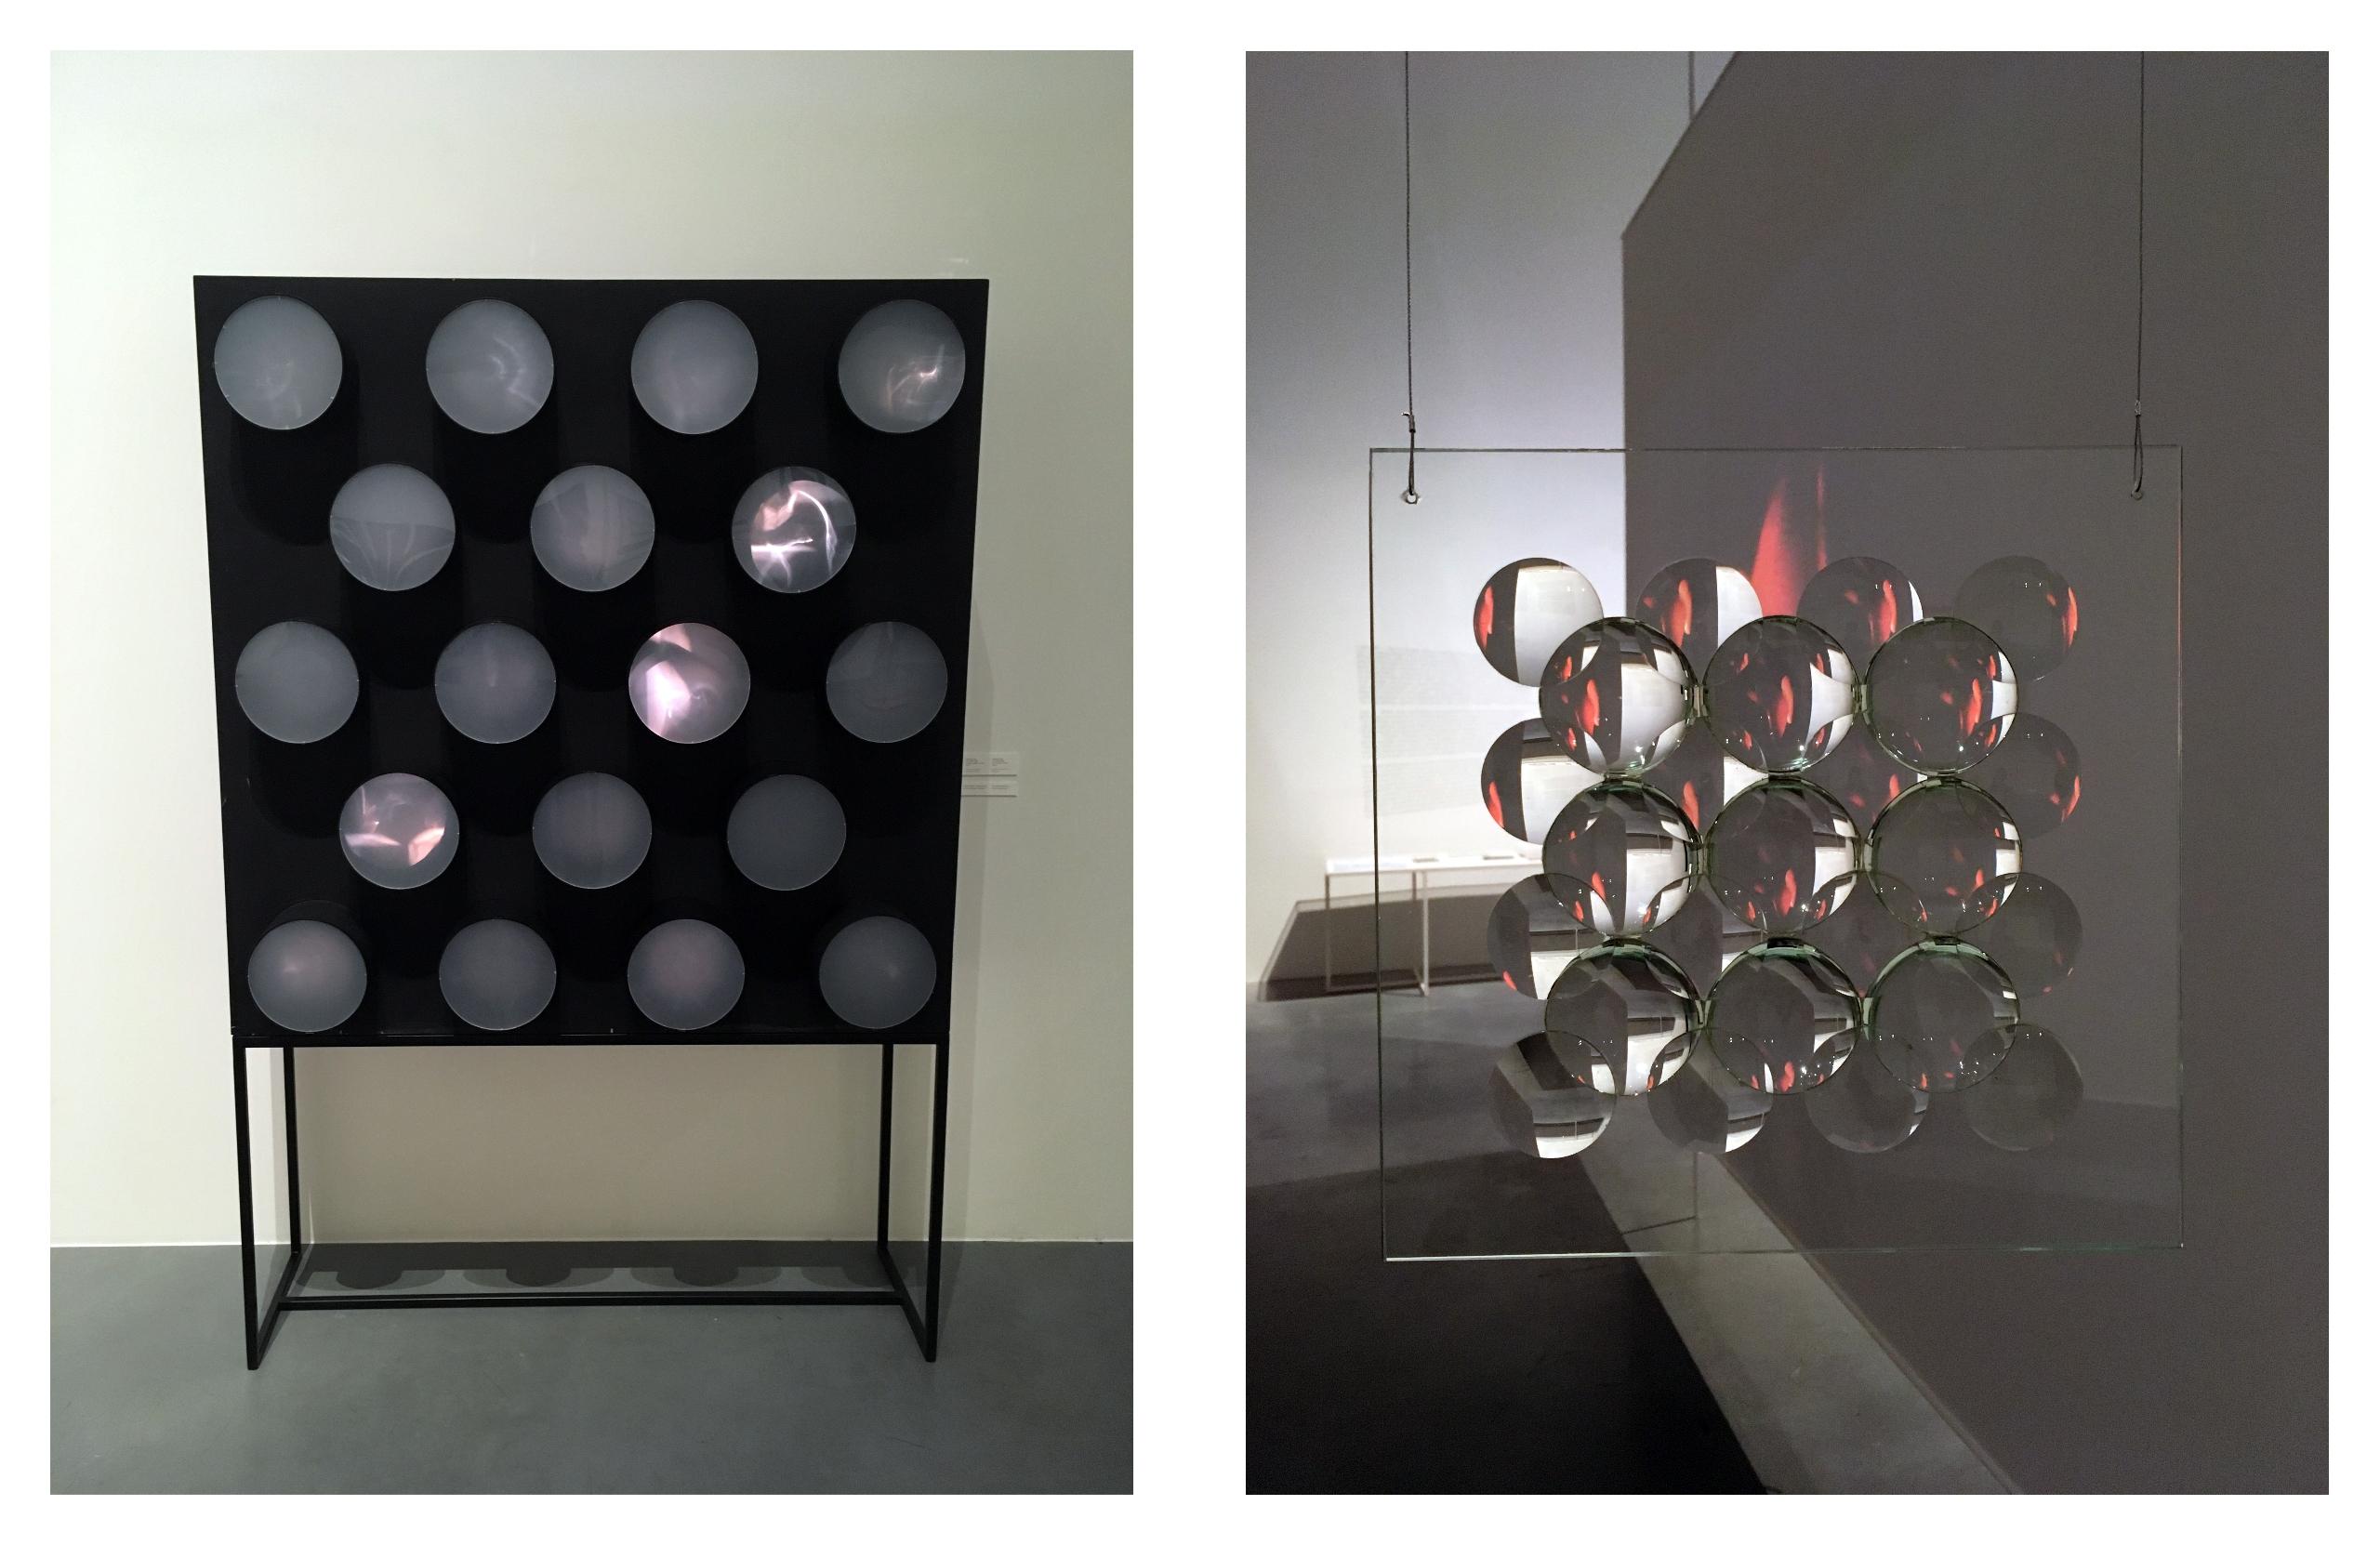 Obraz przedstawia dwa zdjęcia. Z lewej strony widzimy czarny kwadratowy obiekt z wyciętymi kołami, z lewej transparentny obiekt złożony z soczewek i zawieszony w przestrzeni.